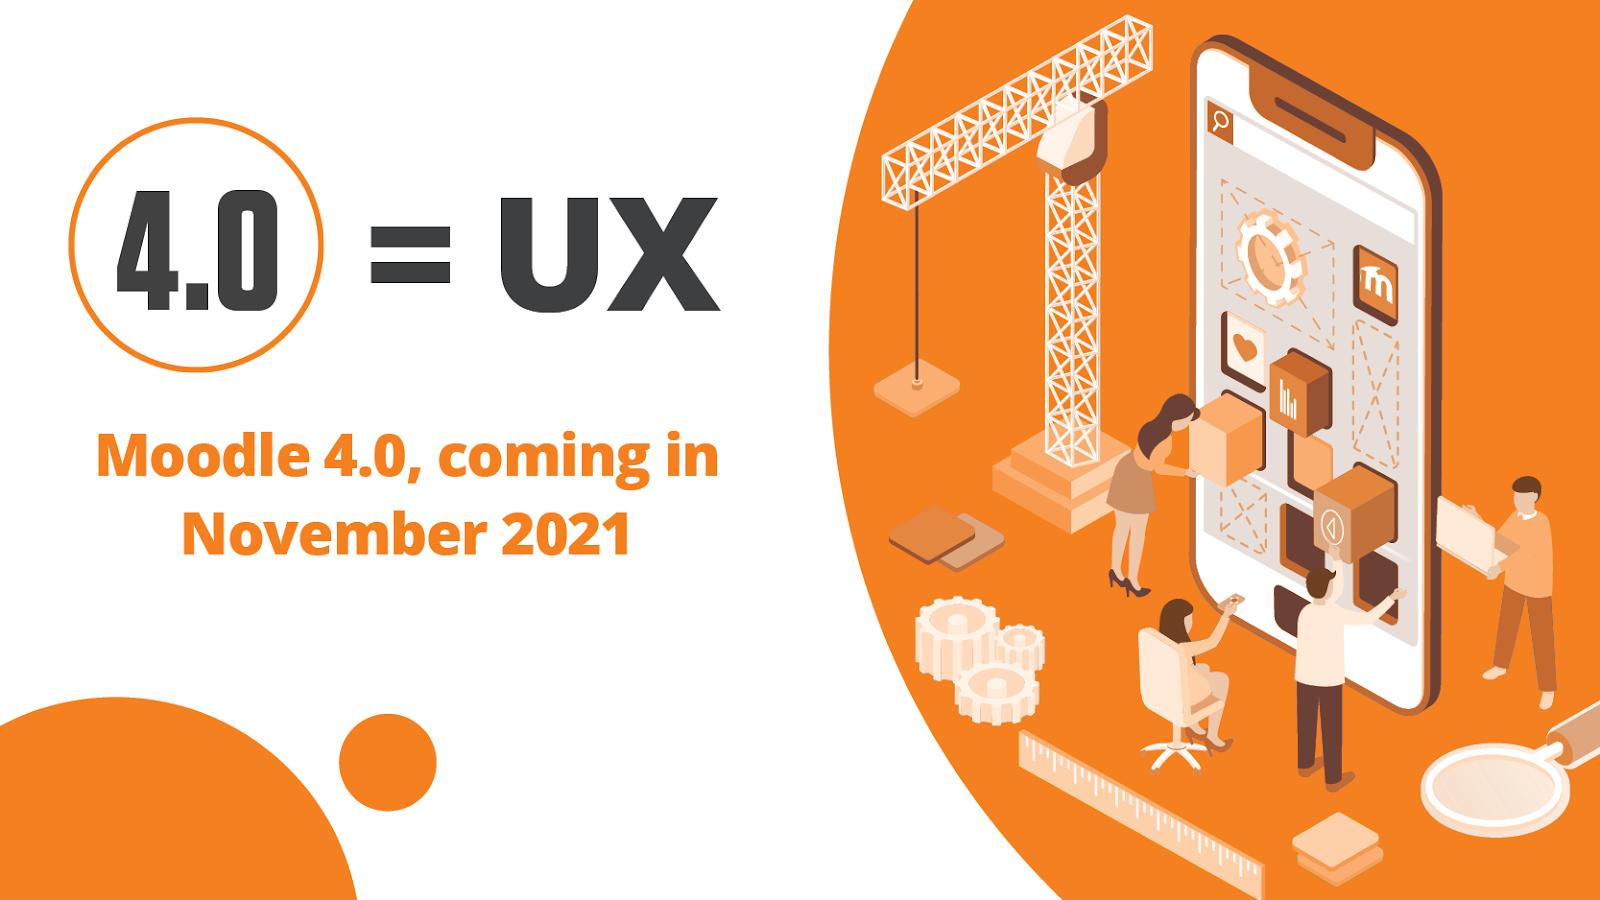 Moodle 4.0 UX